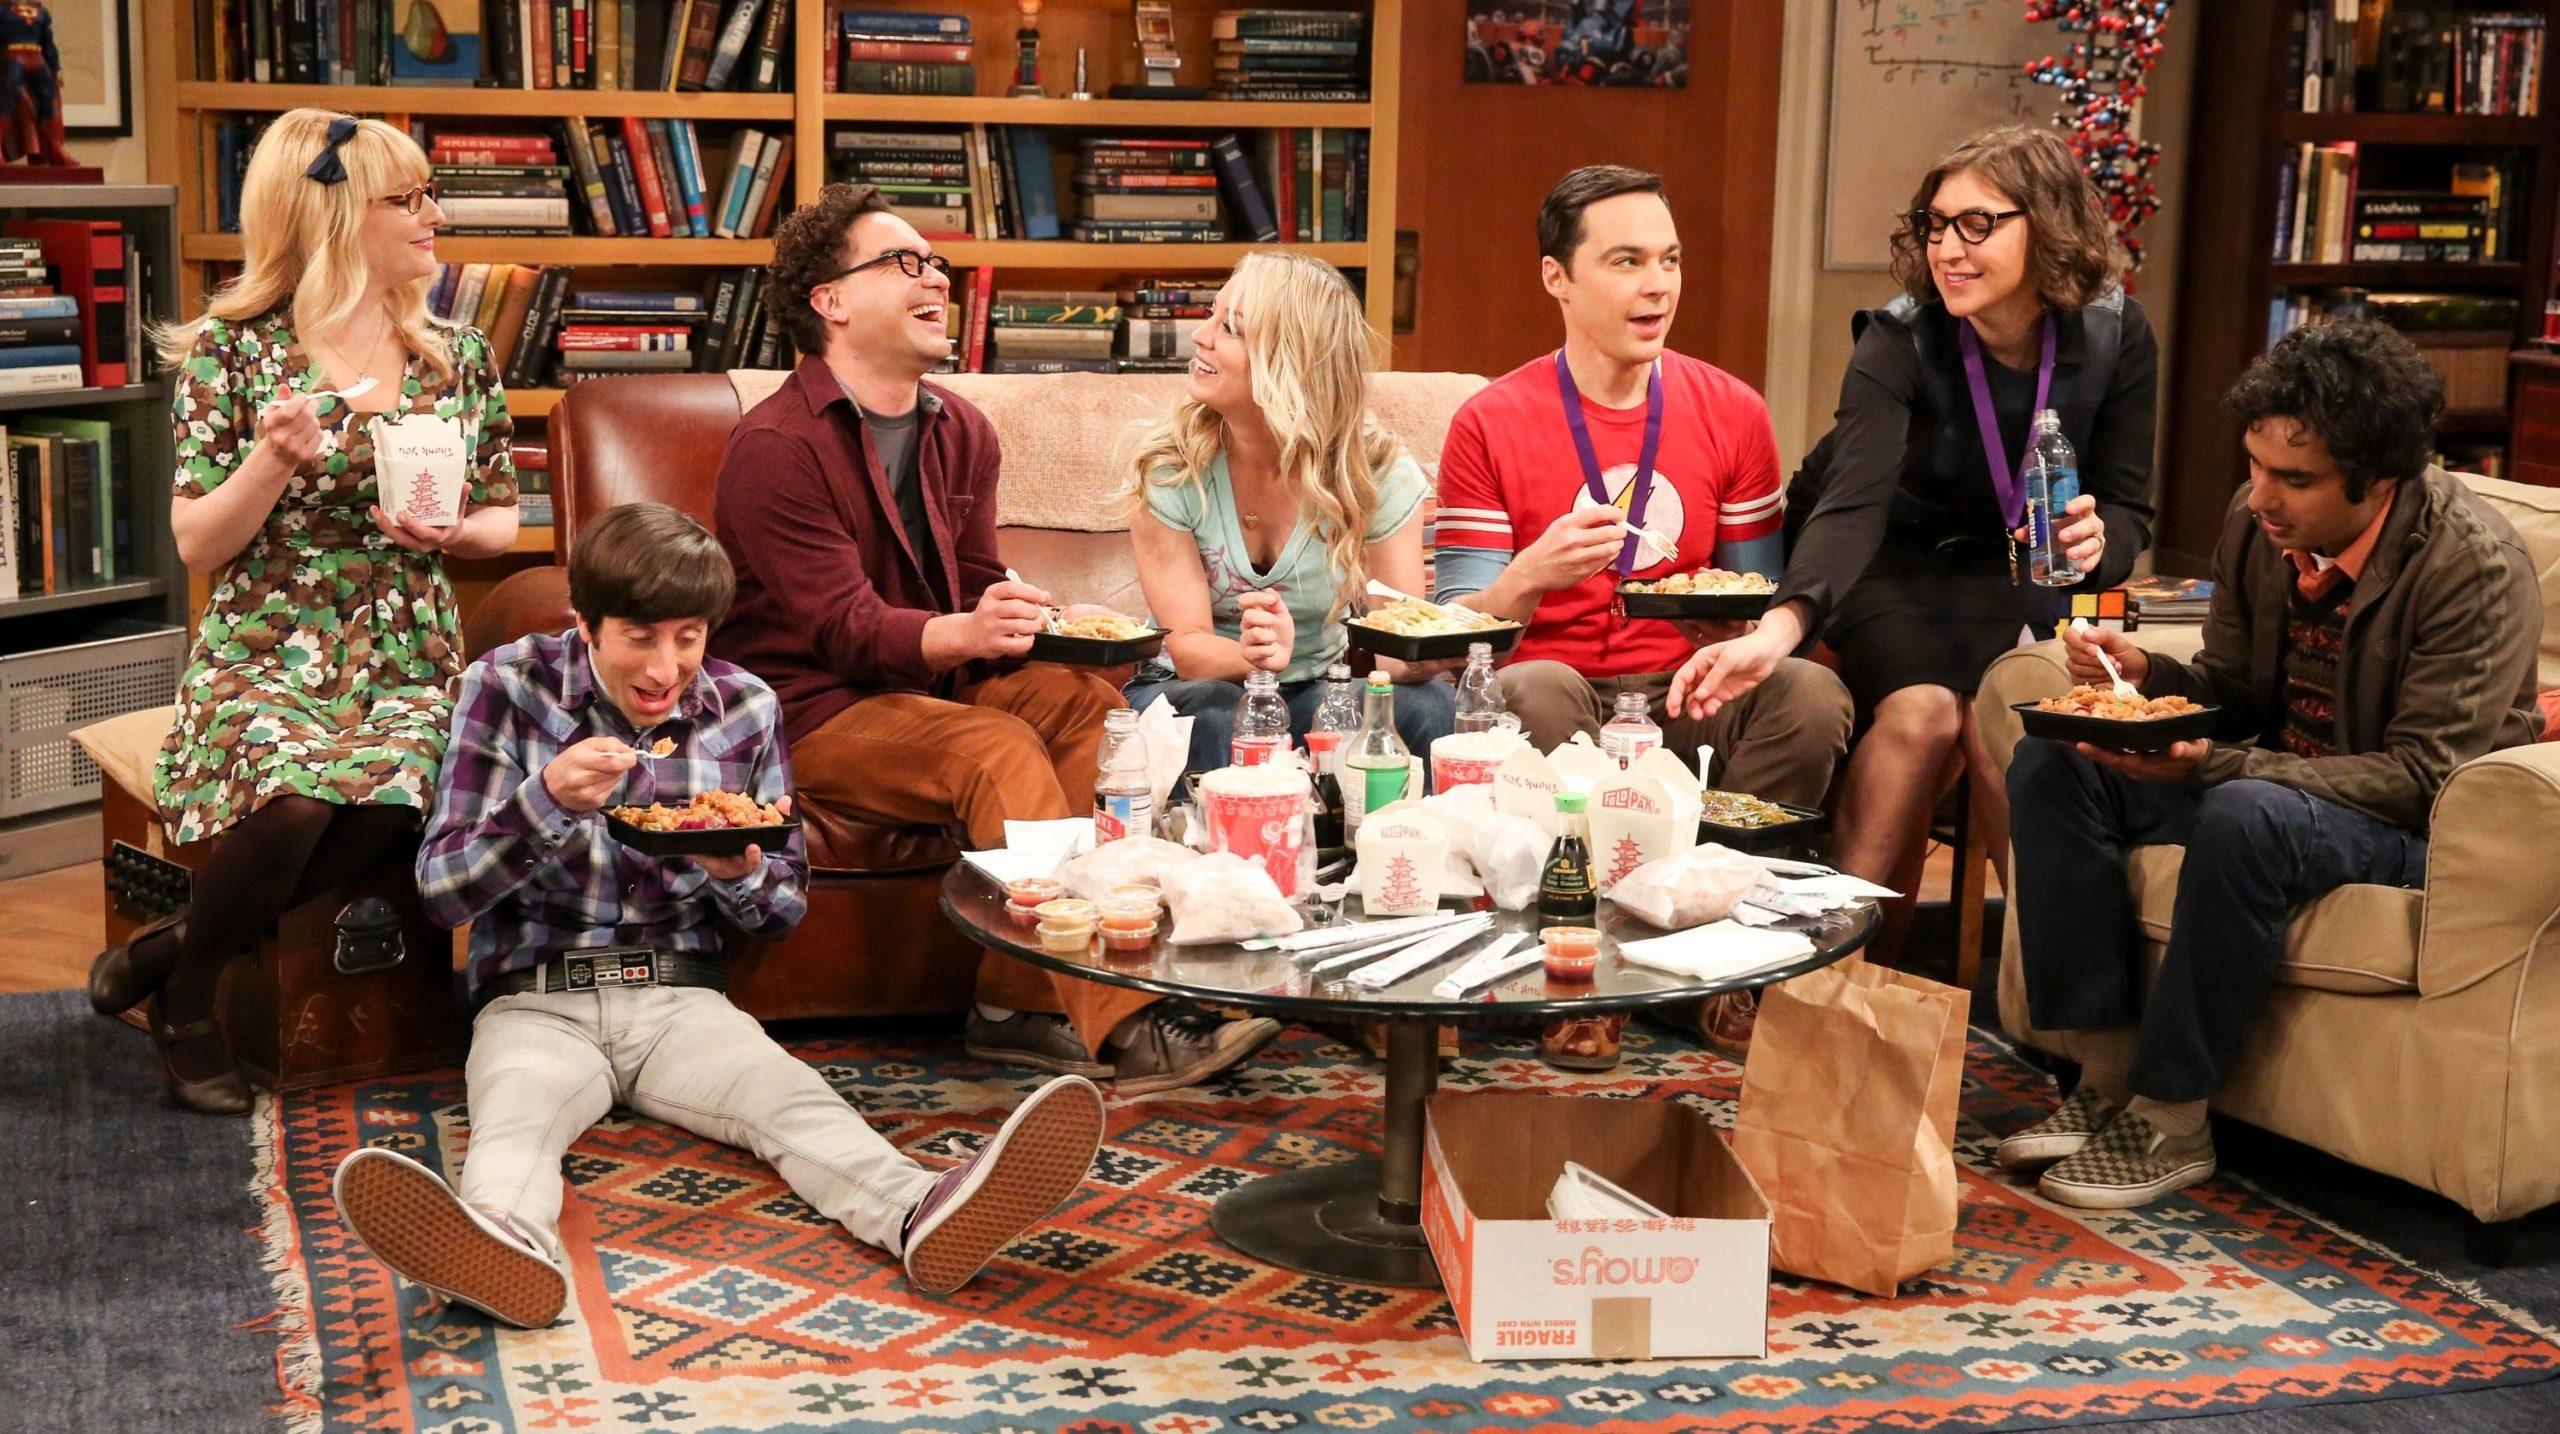 Datos curiosos de The Big Bang Theory que debes de conocer